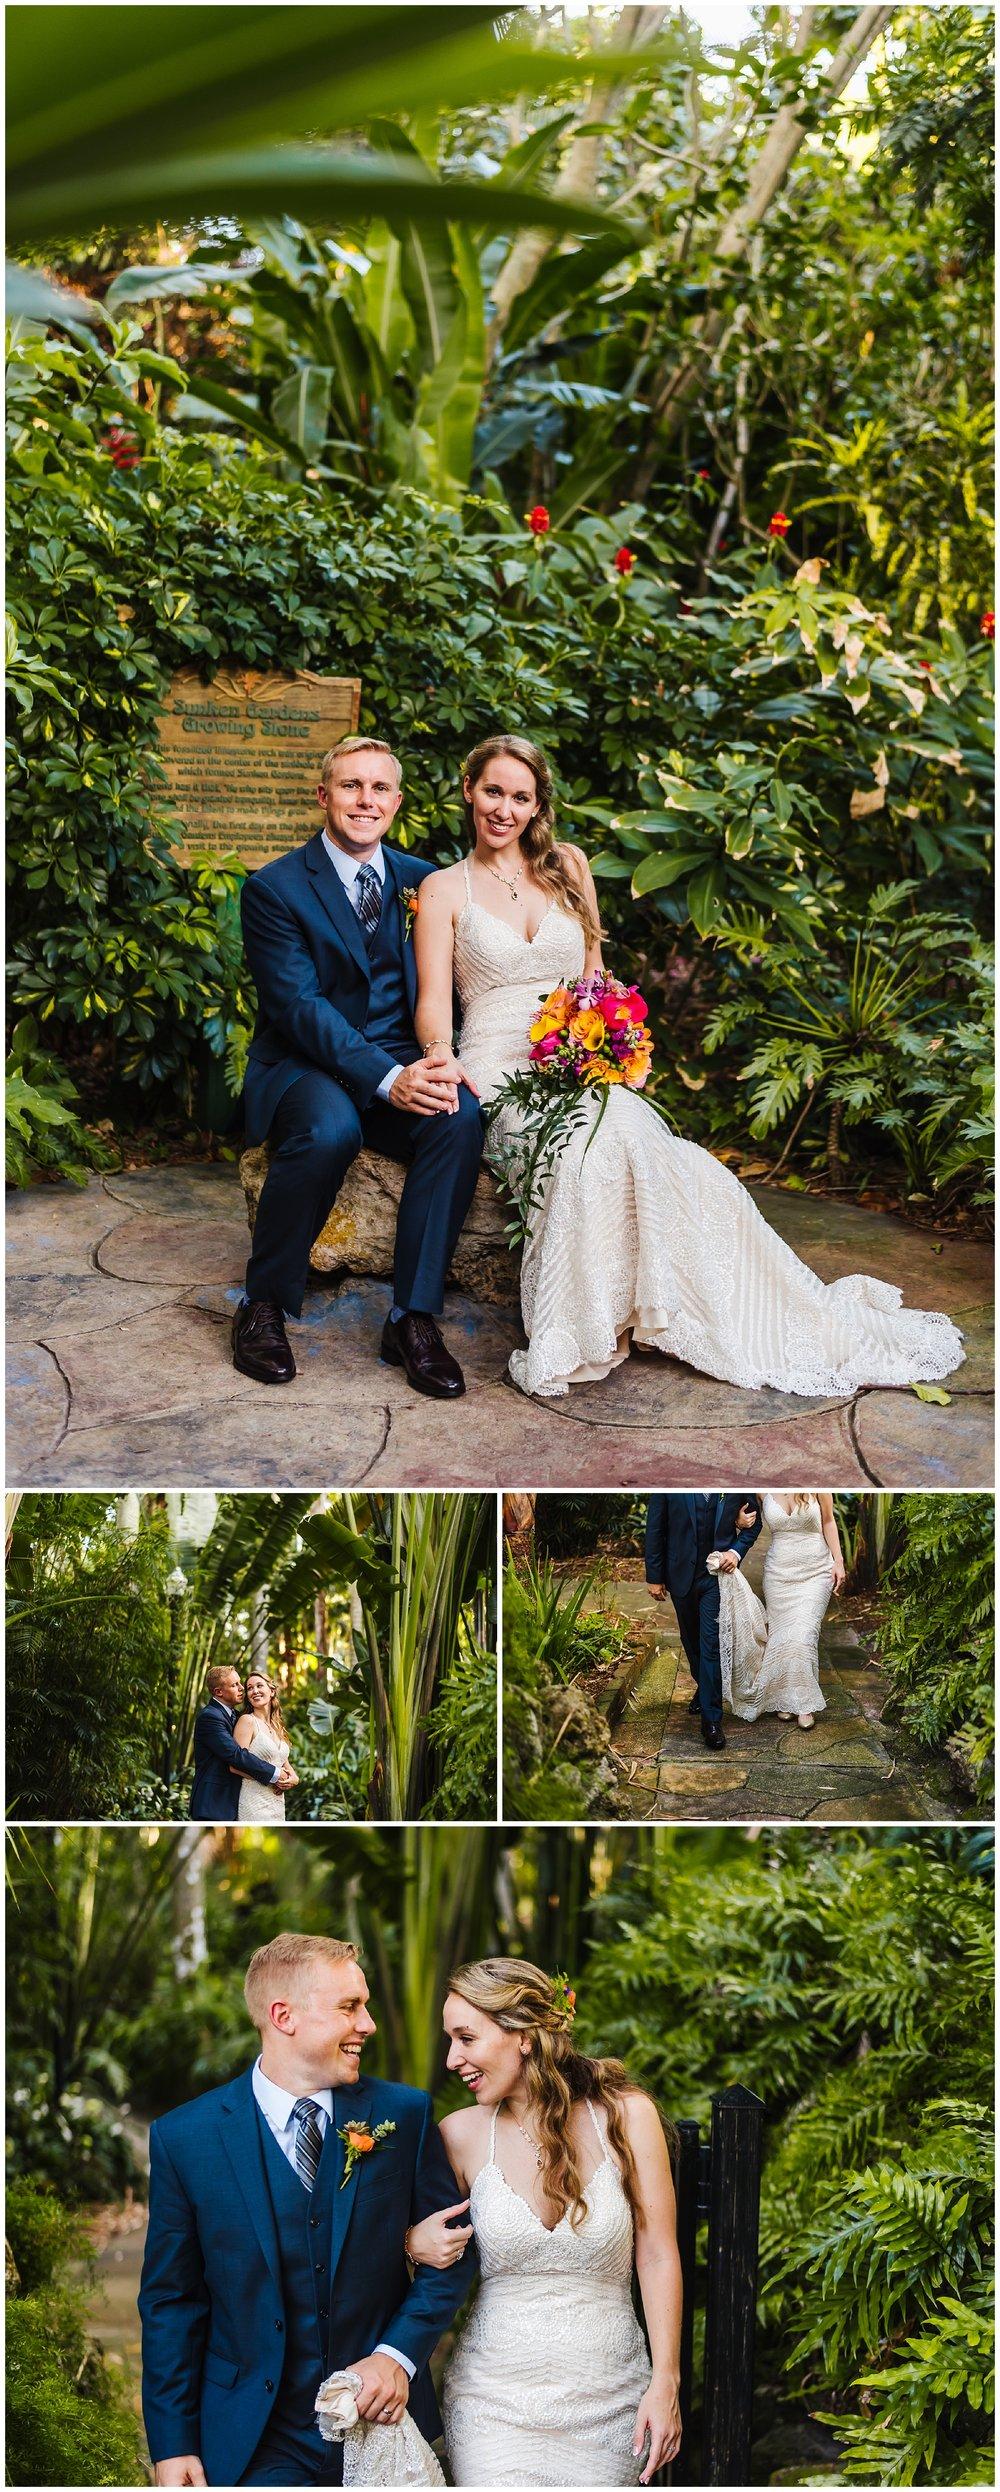 st-pete-wedding-photographer-post-card-inn-sunken-gardens-hawaiian-theme-dueling-pianos_0039.jpg